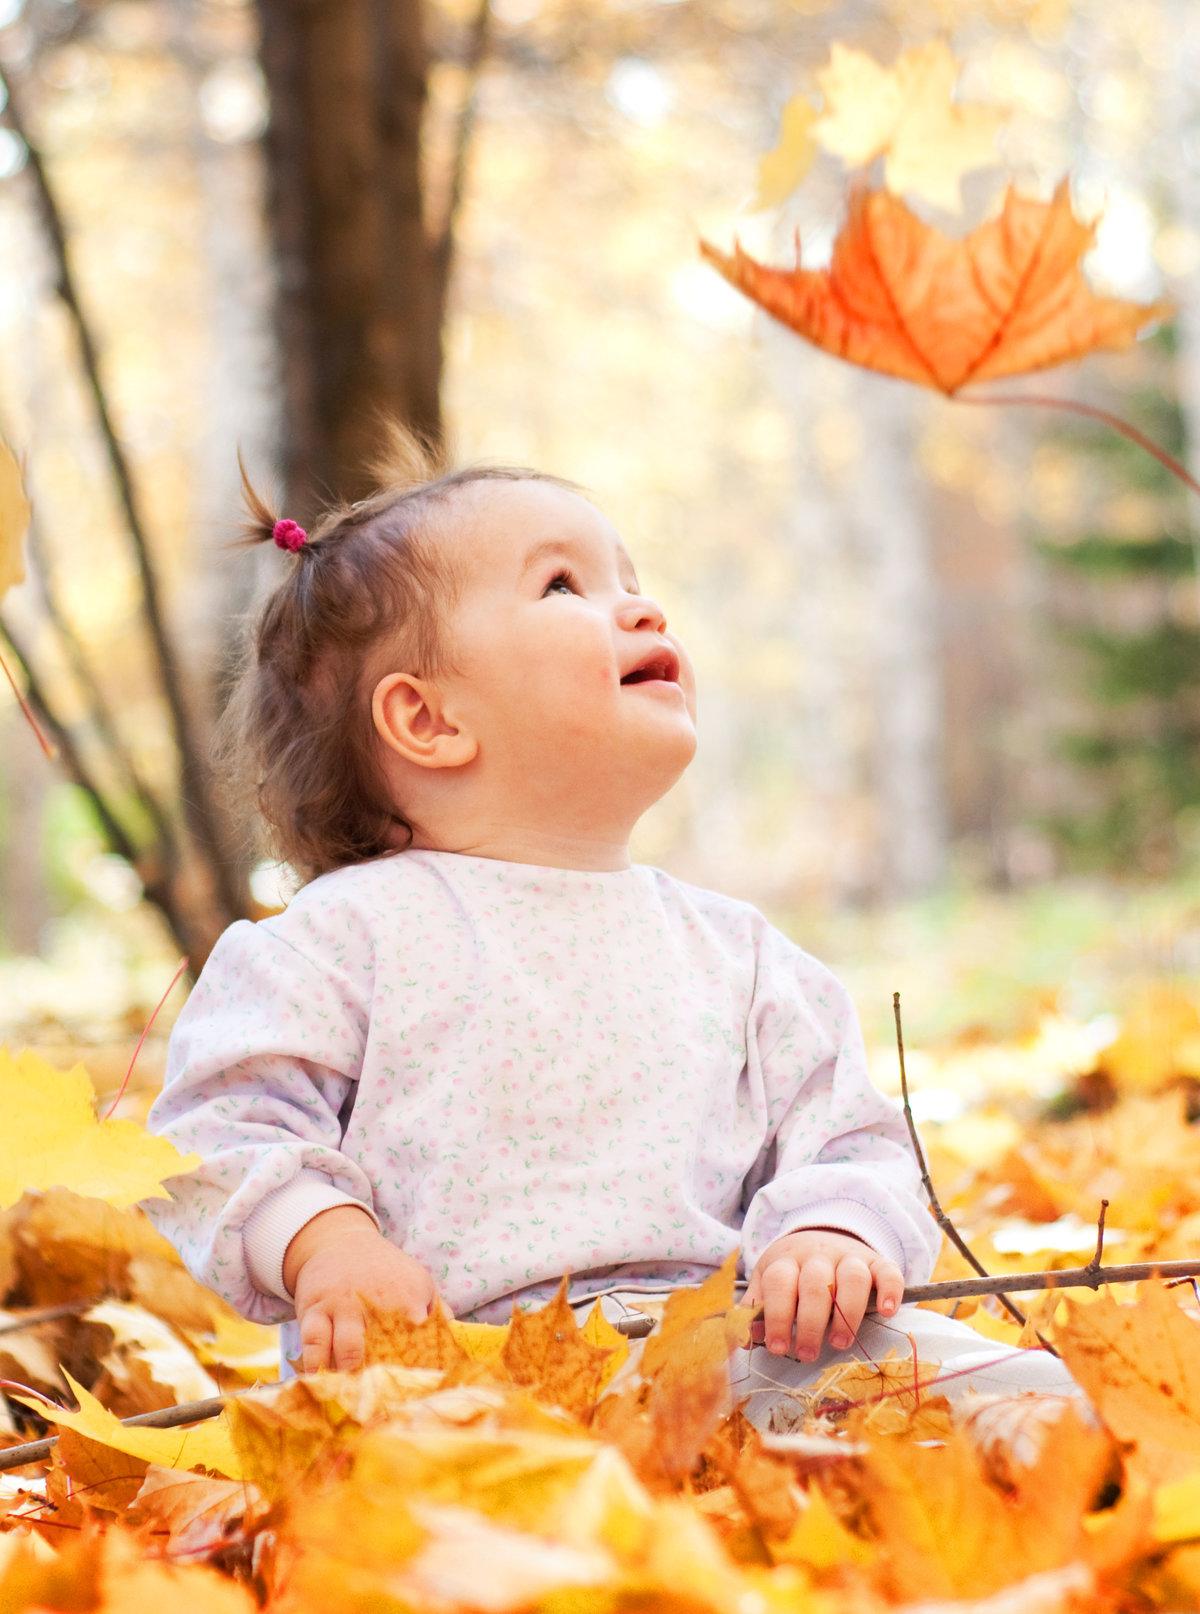 Галочке спасибо, осенние картинки с детьми красивые